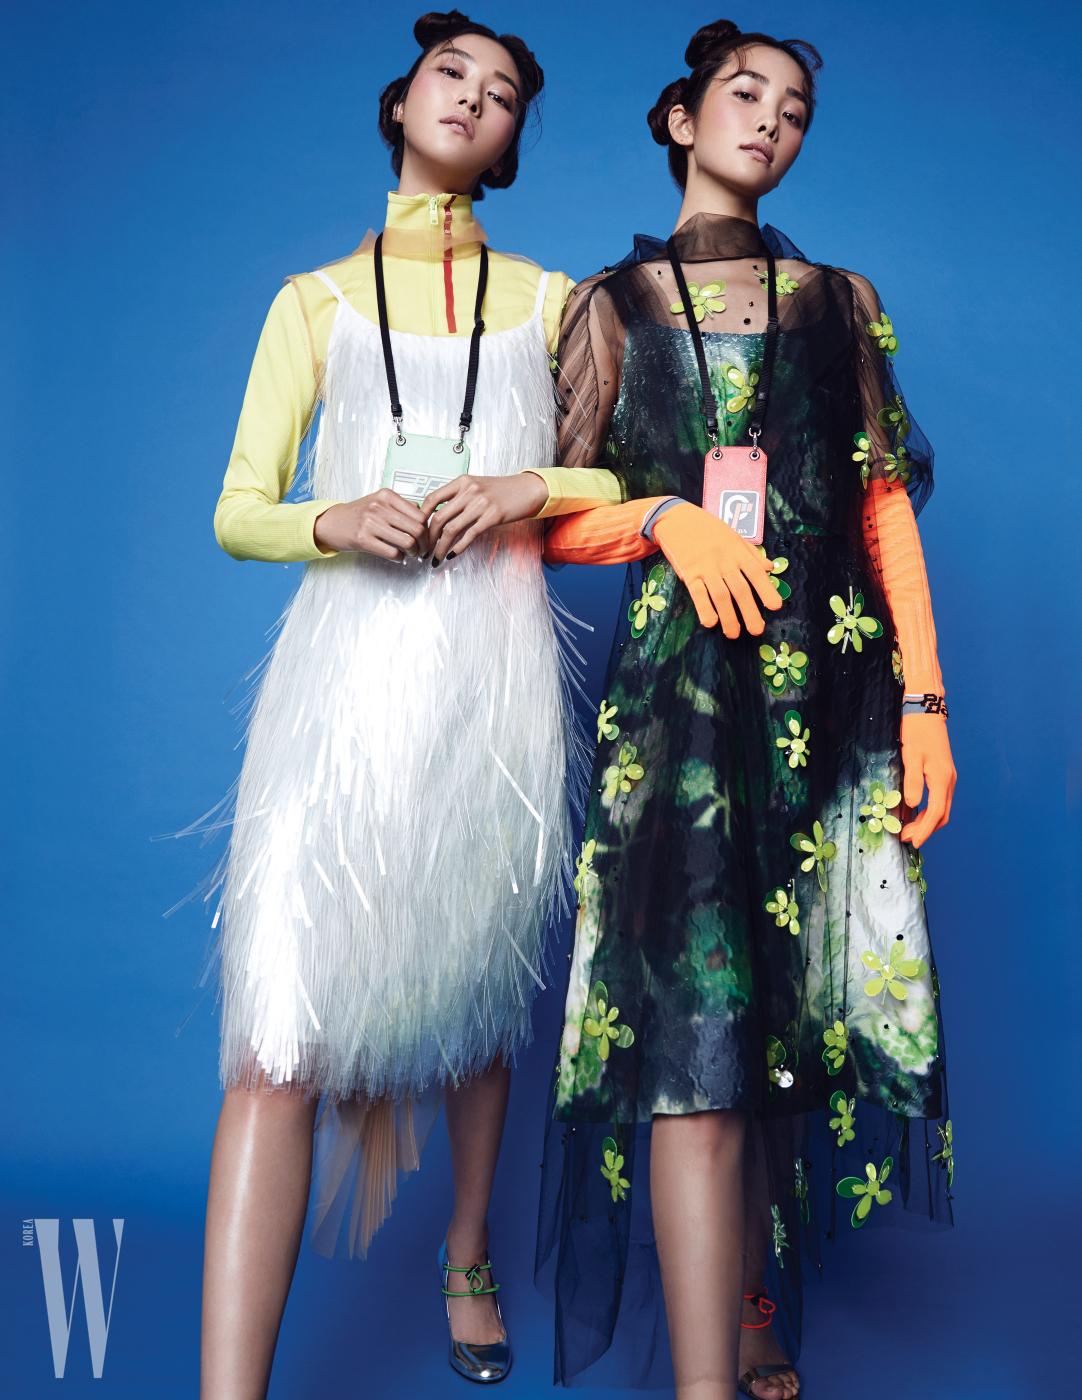 왼쪽 | 집업 장식의 노란색 톱, 튤과 프린지 드레스, 가죽 포켓 목걸이, 스트링 장식 펌프스는 모두 Prada 제품. 오른쪽 | 이너로 연출한 프린트 드레스, 시스루 튤 위에 네온빛 스톤으로 꽃을 형상화한 드레스, 네온 컬러 글러브, 가죽 포켓 목걸이, 펌프스는 모두 Prada 제품.